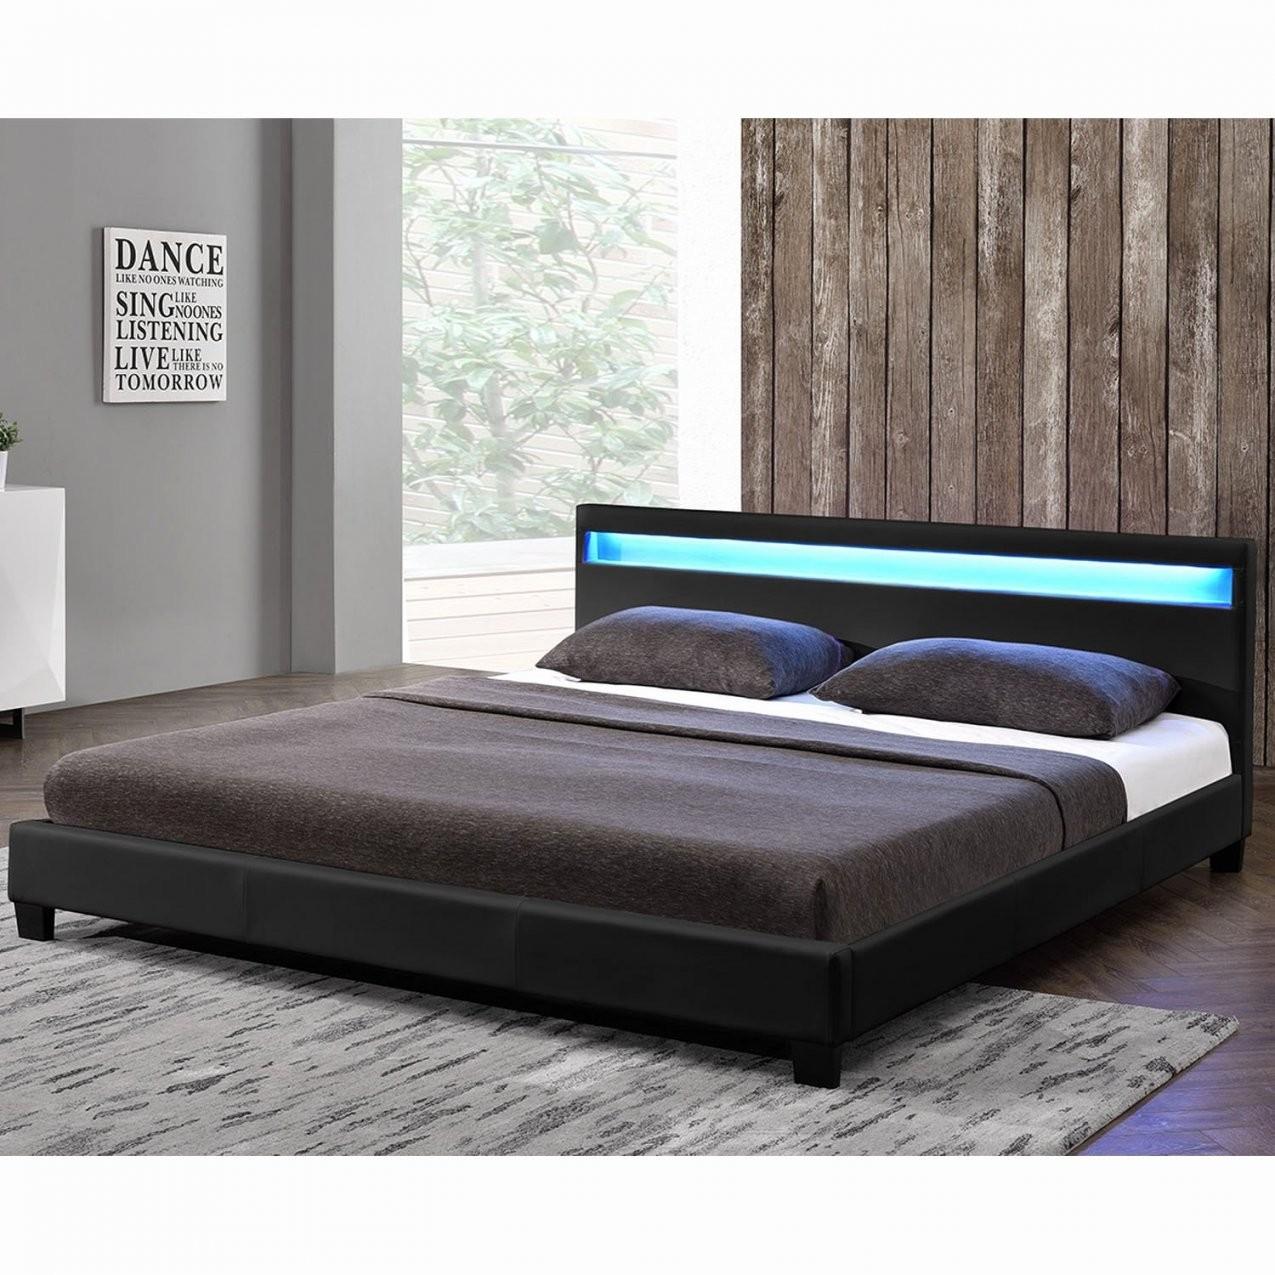 Lampe Led 12V Beau Led Bett Bett Mit Led Und Matratze Beste Von von Led Bett Mit Matratze Bild